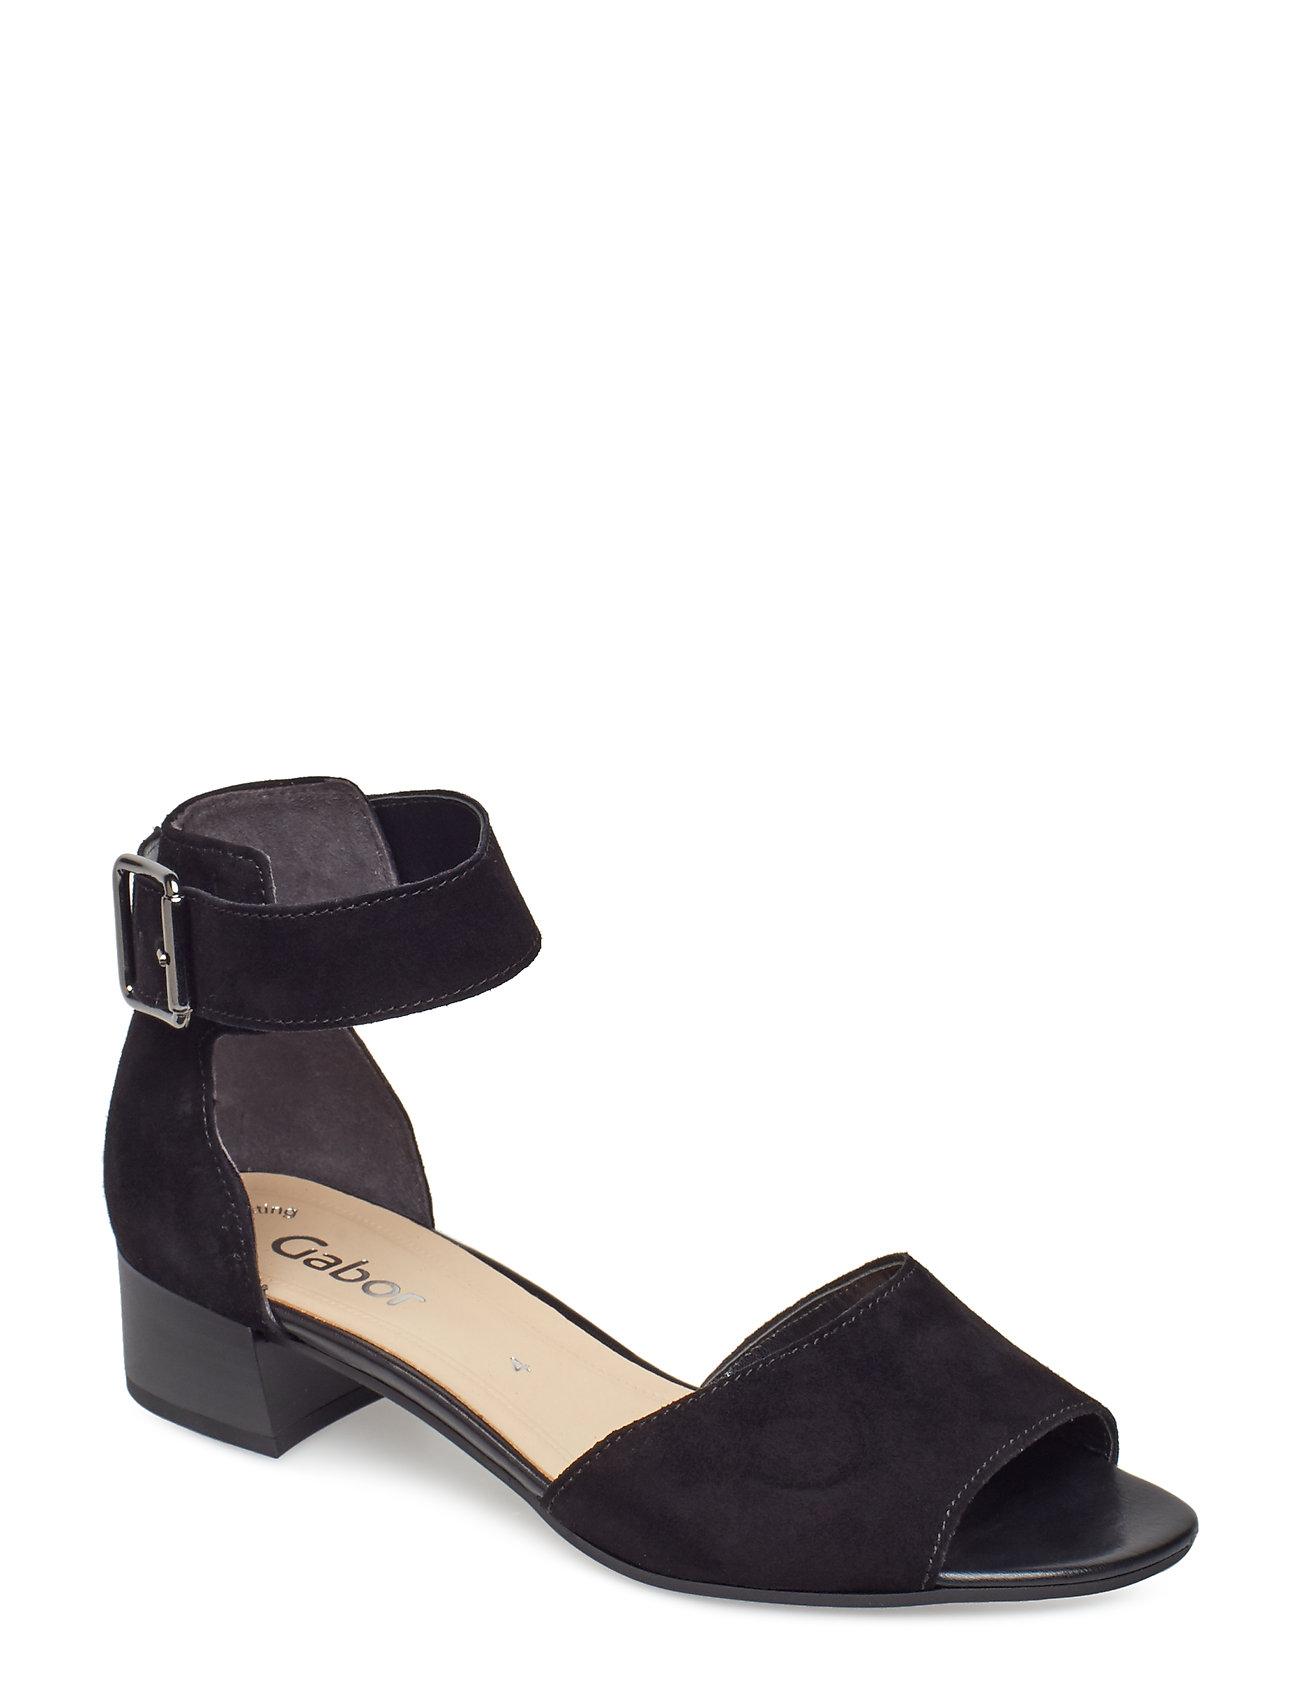 fdda15e6722 Sling Sandals højhælede sandaler fra Gabor til dame i Sort - Pashion.dk